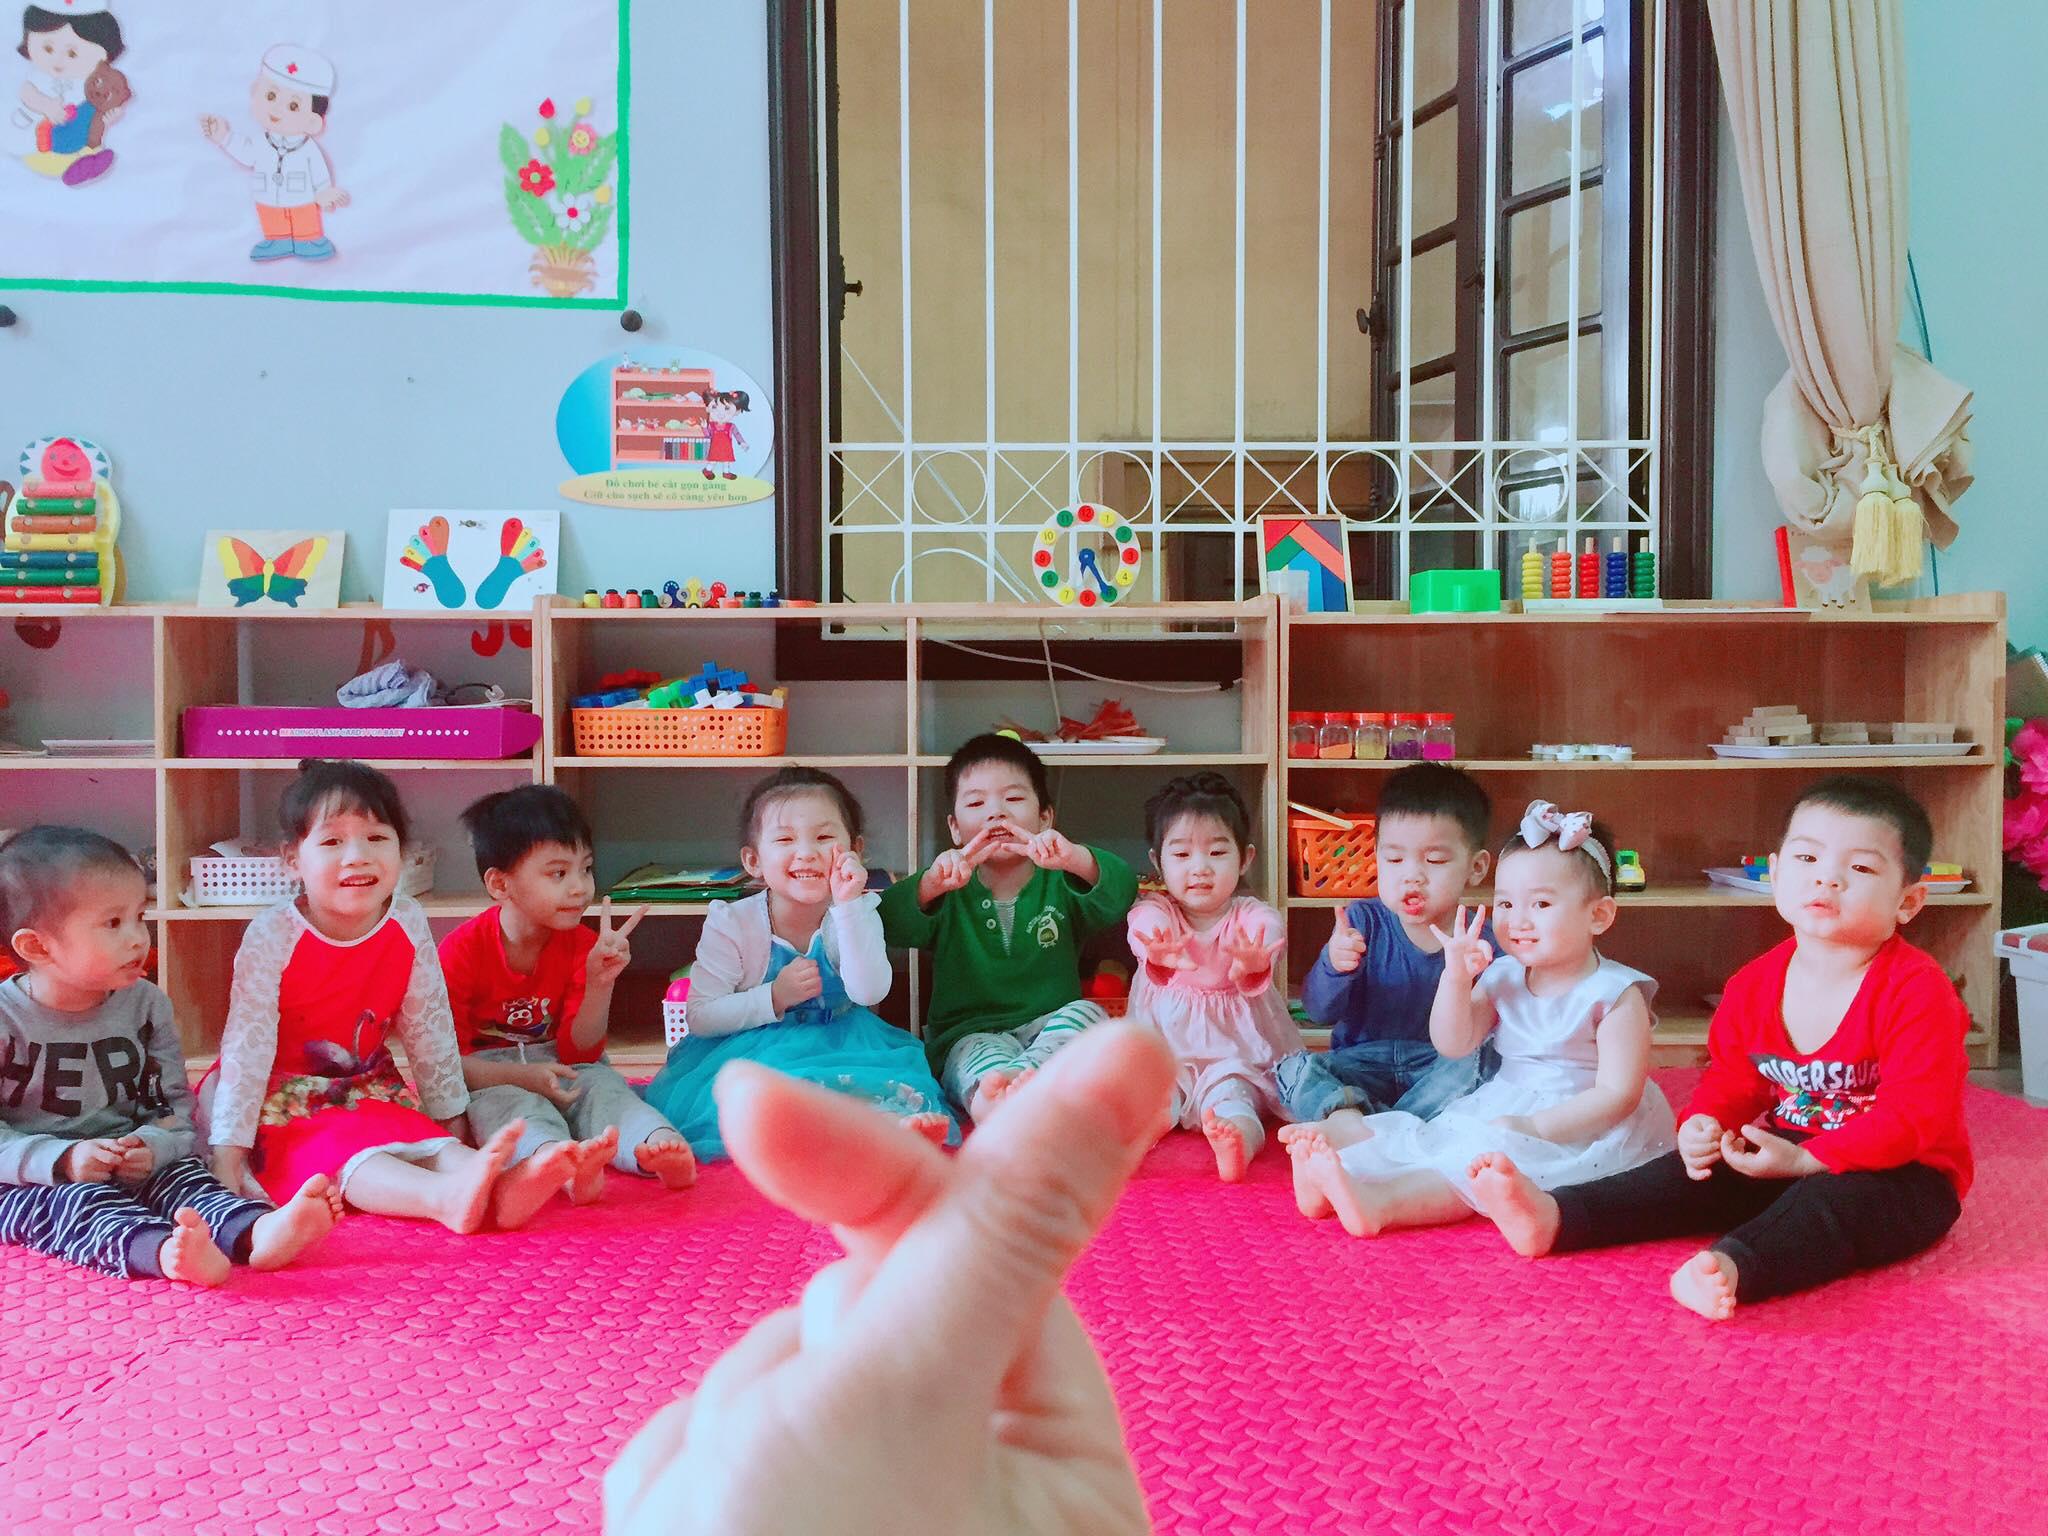 Trường mầm non Tiny ( Tiny Kindergarten) - 46, Phạm Ngọc Thạch